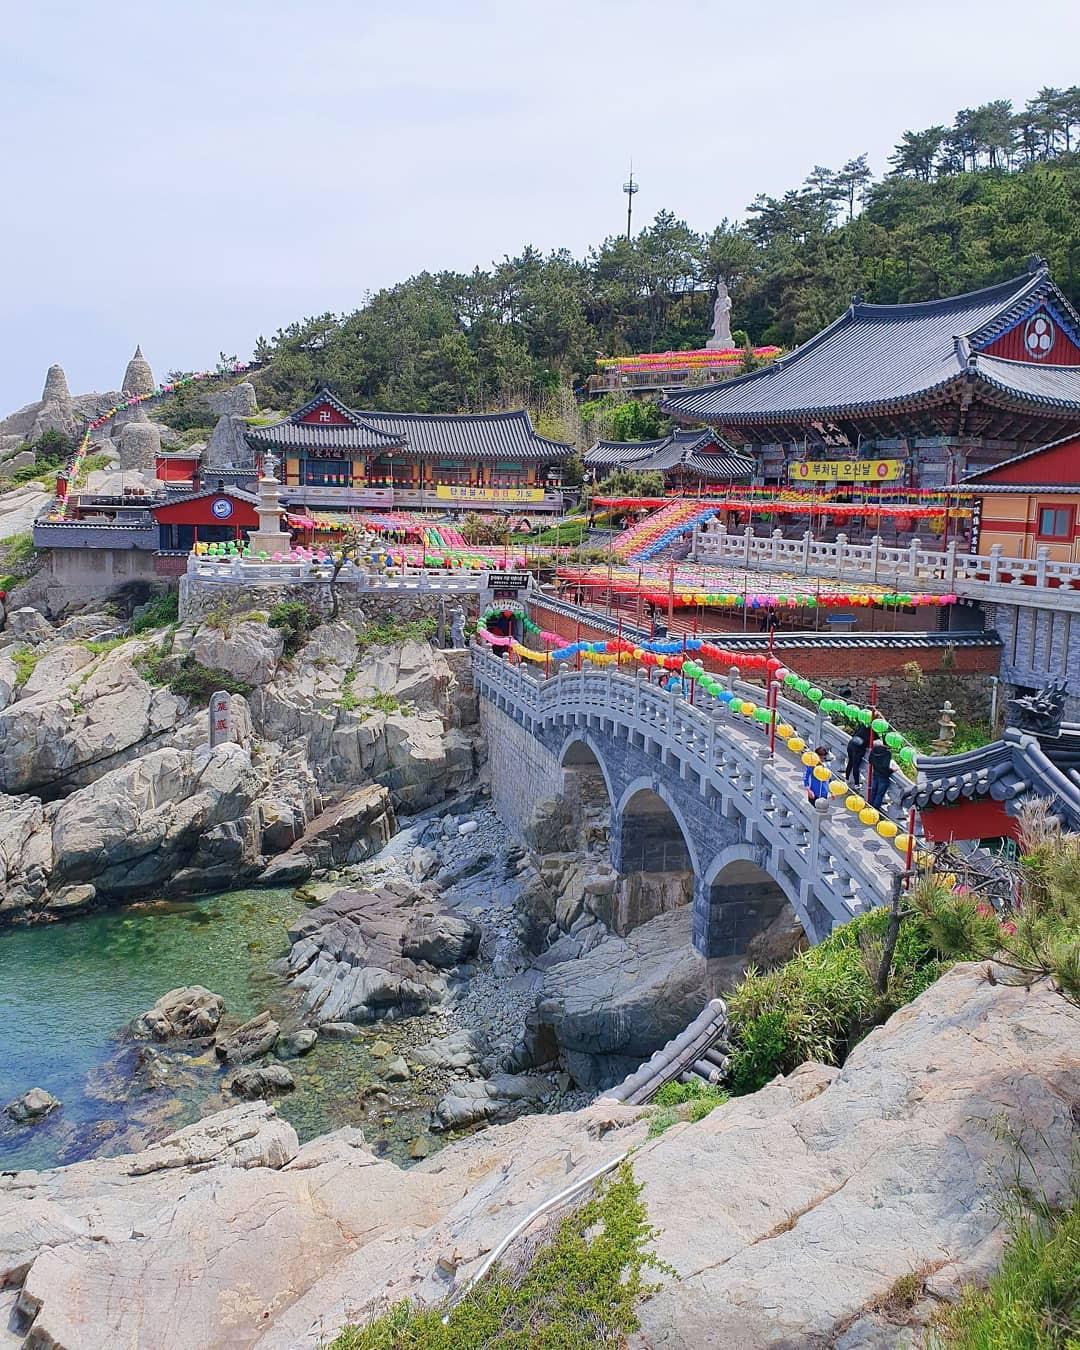 Mê mệt với những điểm đến hút khách du lịch bậc nhất Busan - Ảnh 29.